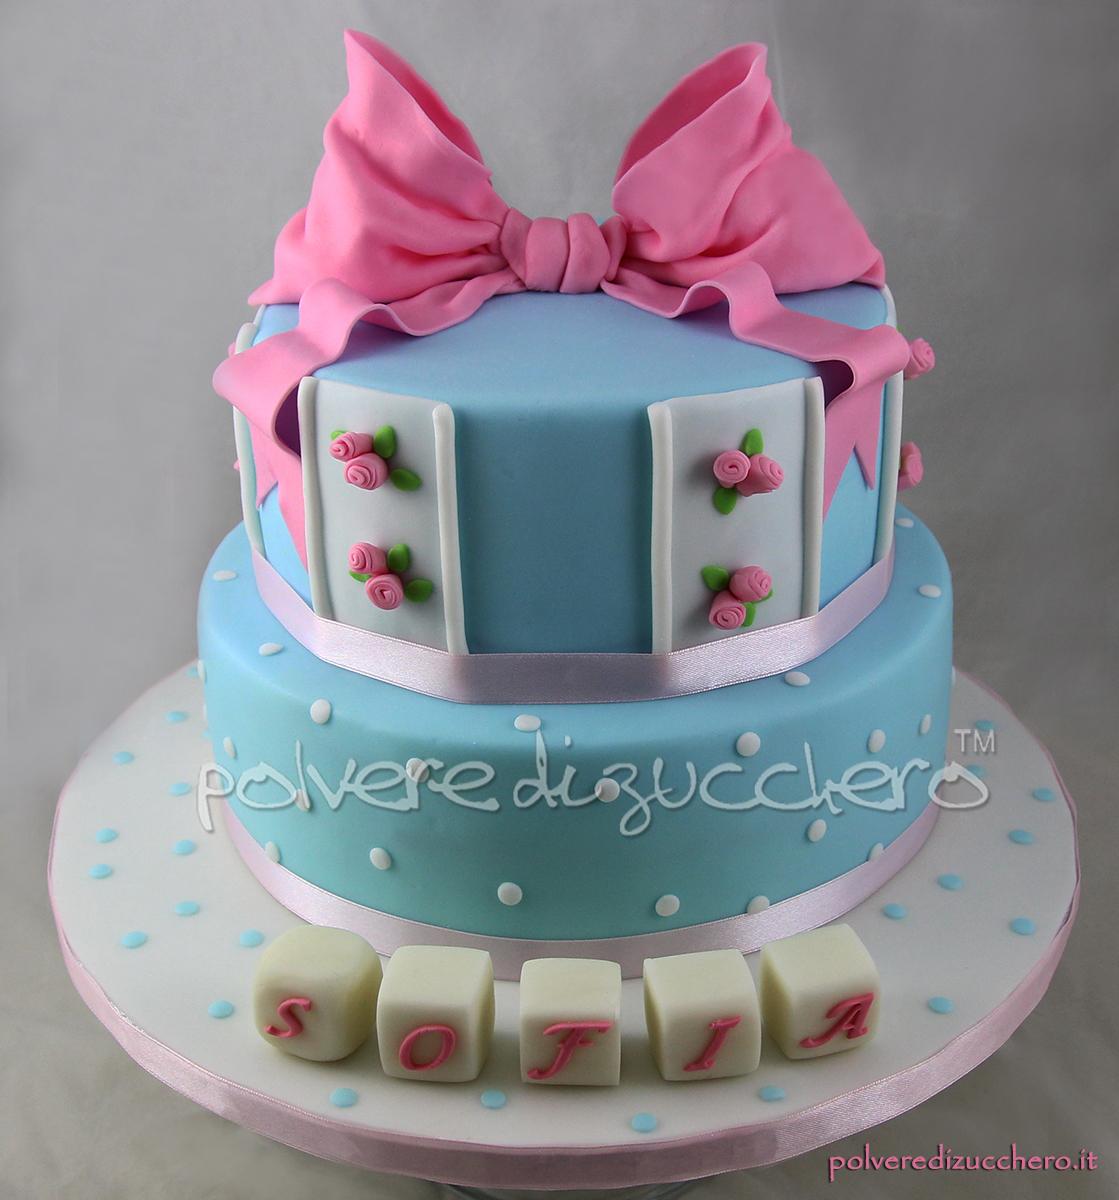 cake design pasta di zucchero polvere di zucchero battesimo bimba shabby chic azzurro rosa fiocco